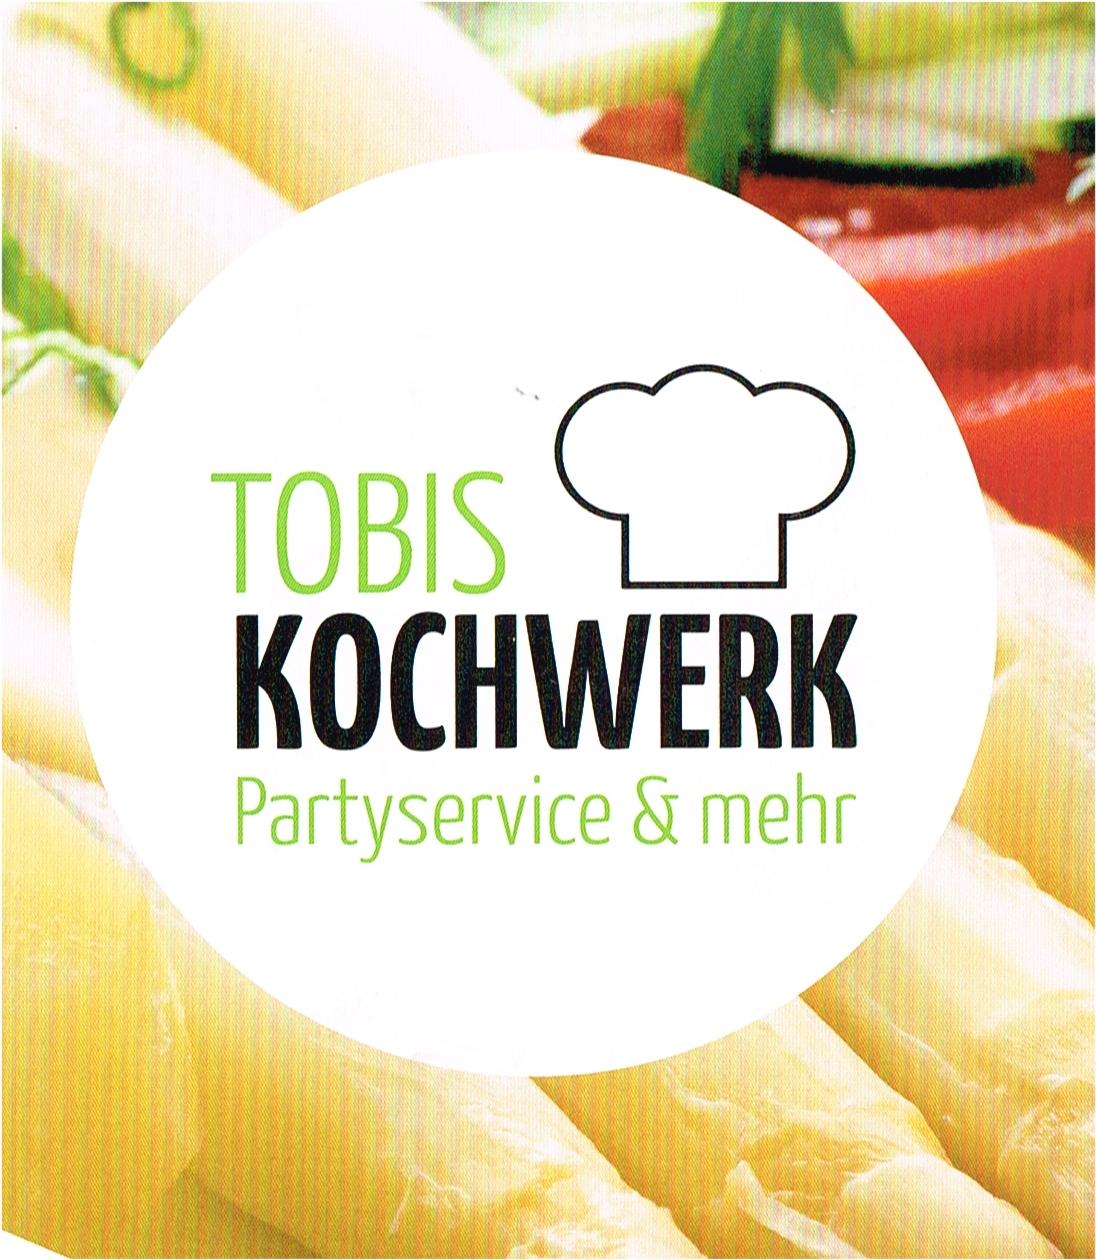 TOBIS KOCHWERK